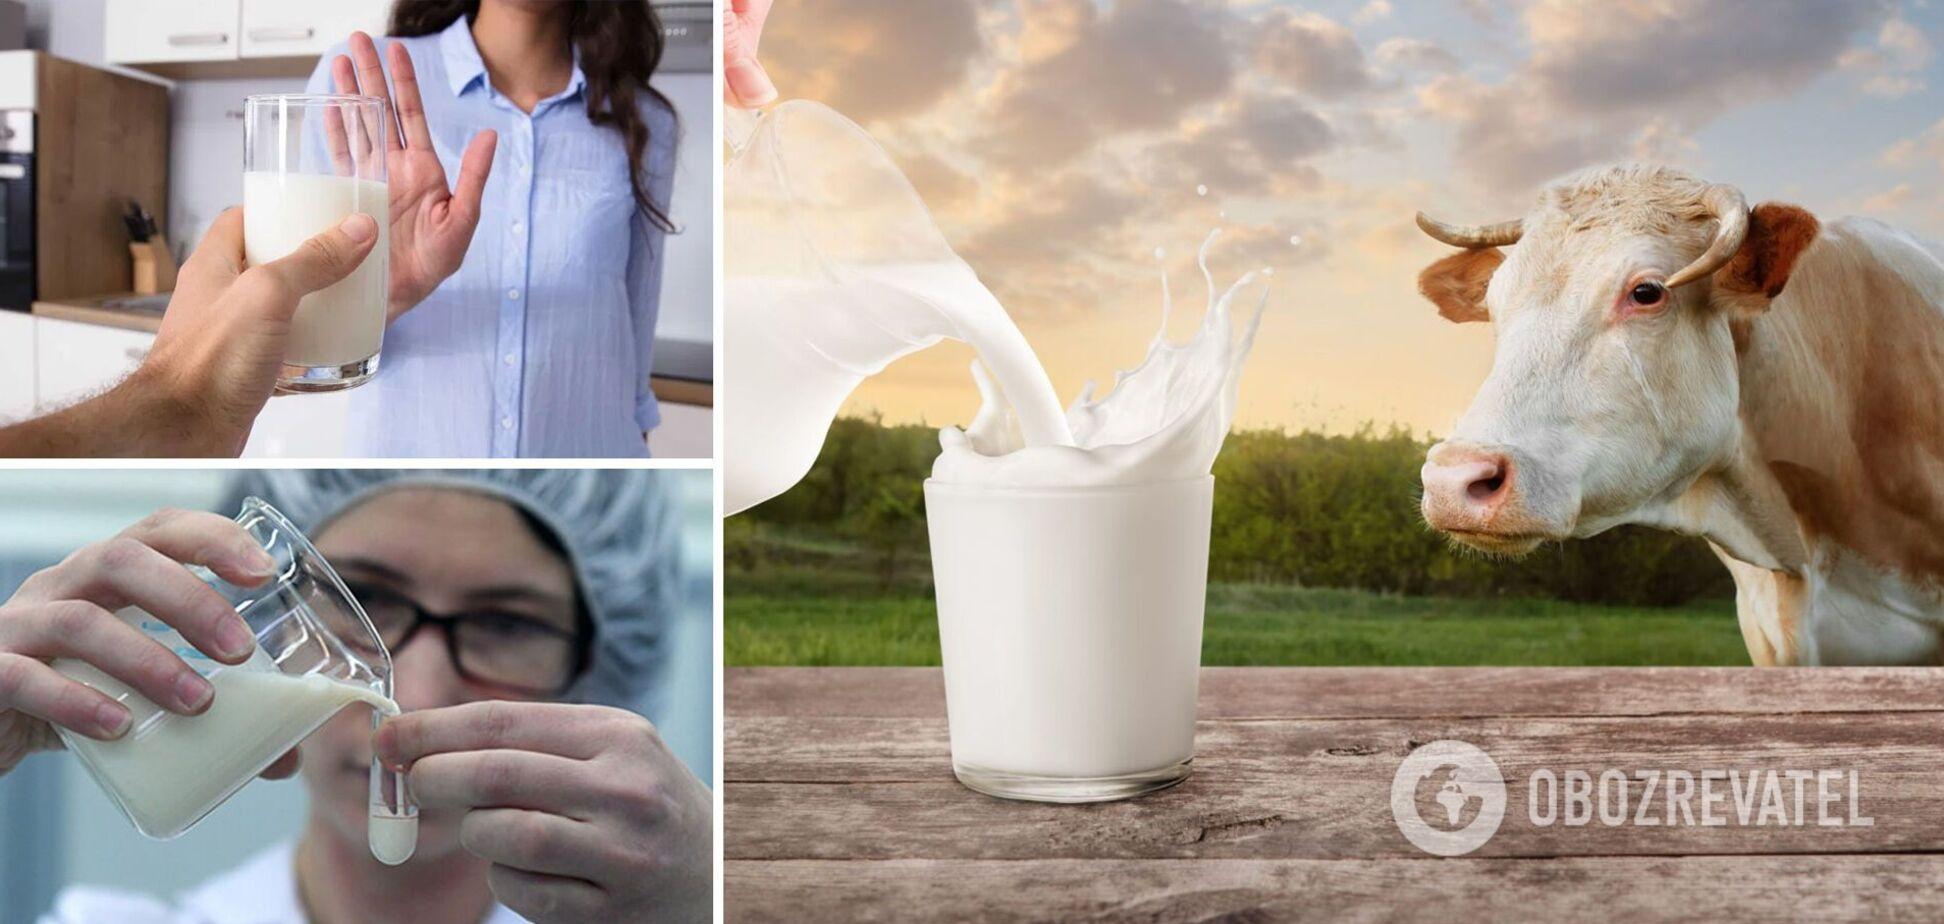 В молоко добавляют соду, моющие средства и антибиотики